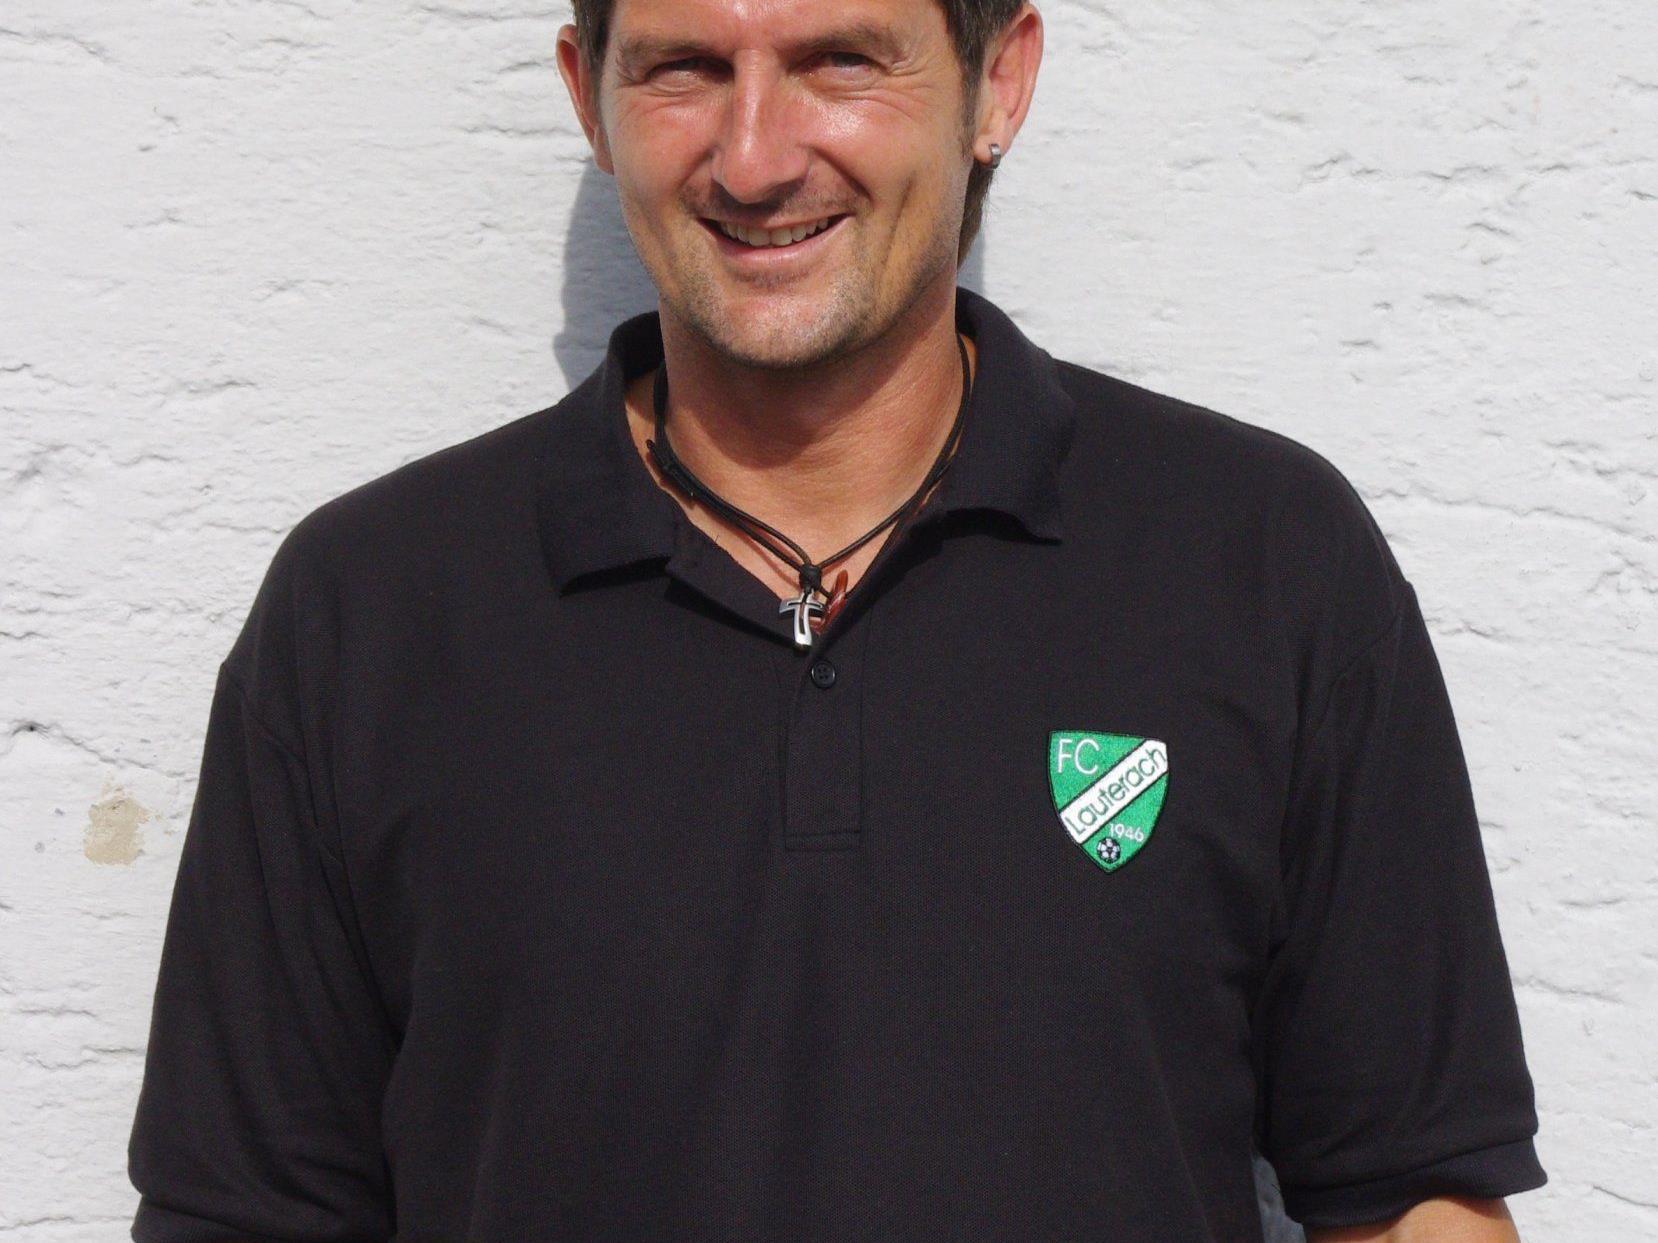 Klaus Unterkircher - Erfolgstrainer vom Schertler-Alge FC Lauterach